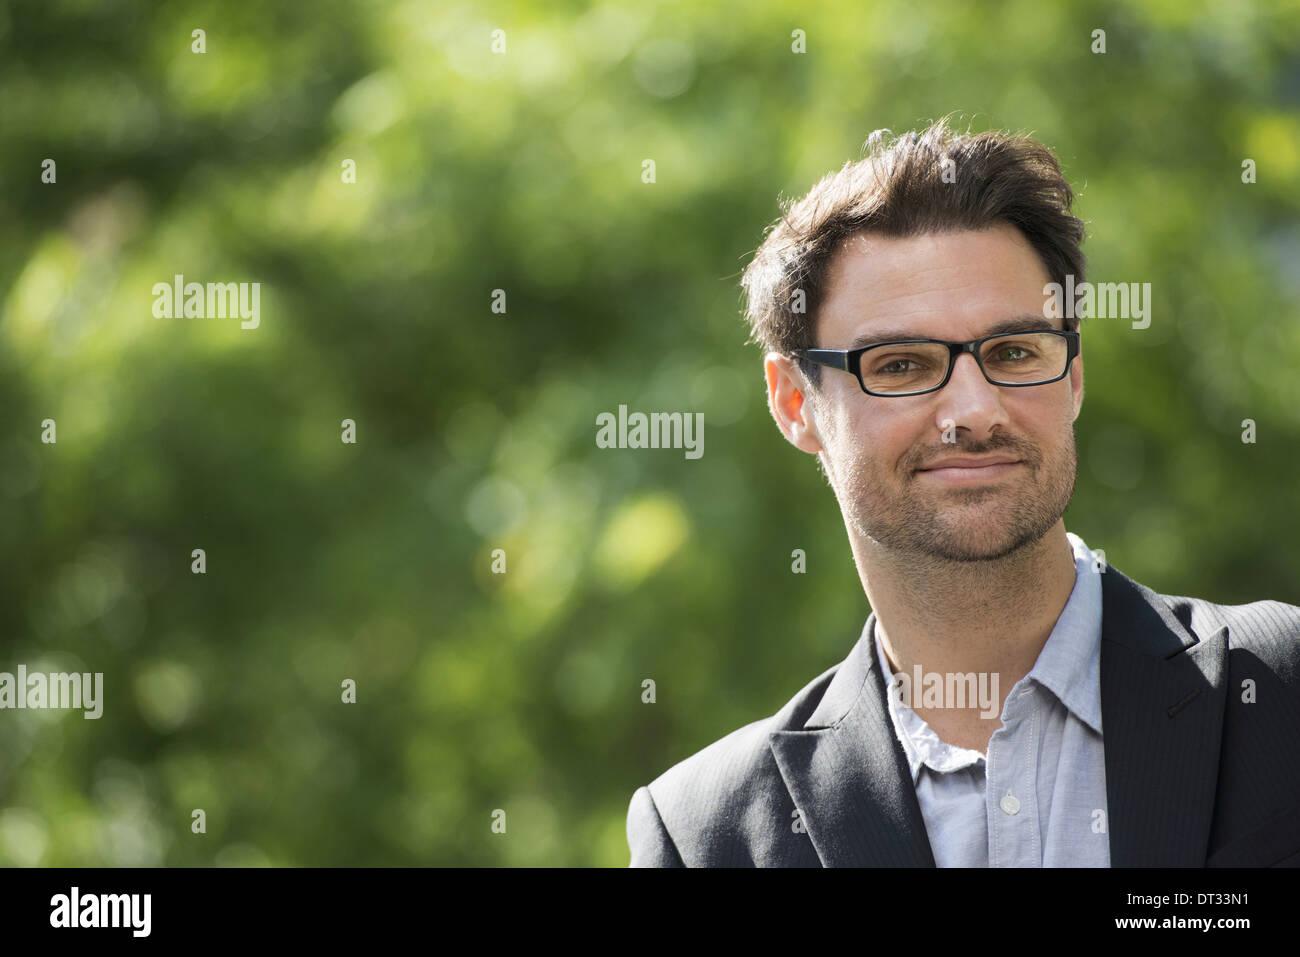 Un hombre con cabello oscuro corto y gafas sonriendo ante la cámara Foto de stock